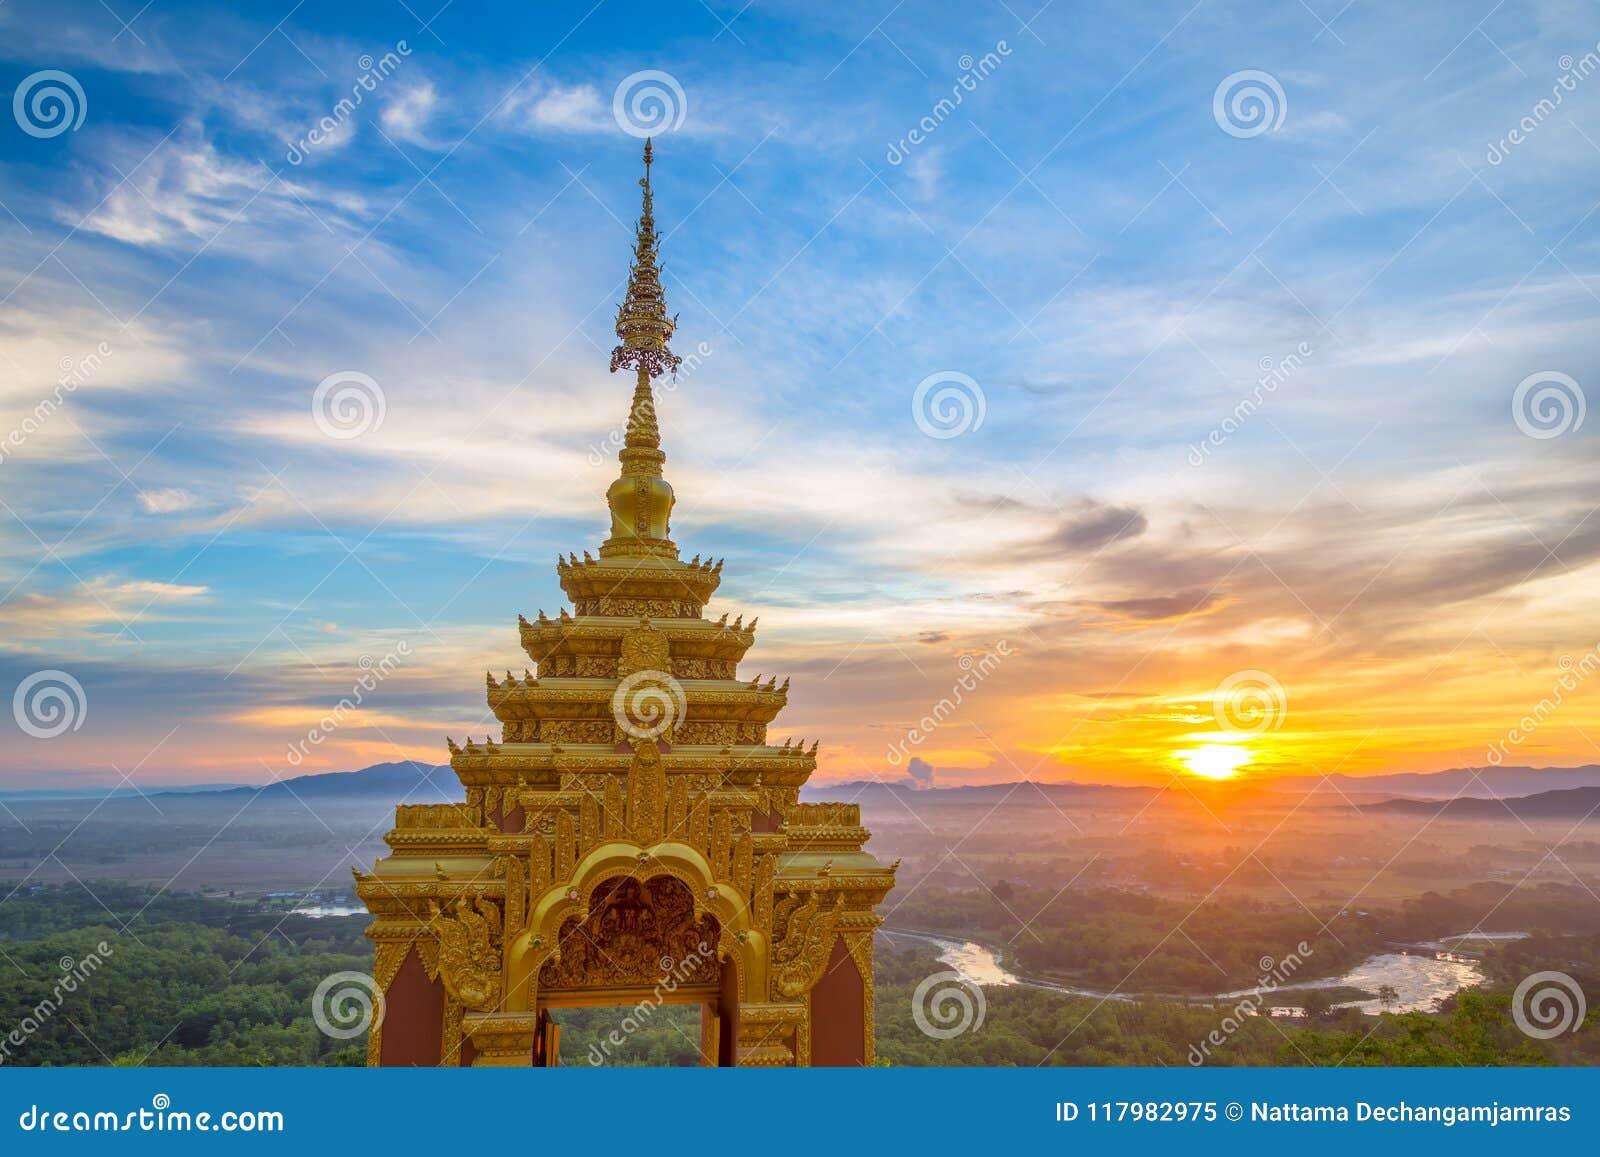 Temple,Wat Pra That Doi Pra Chan Mae Tha